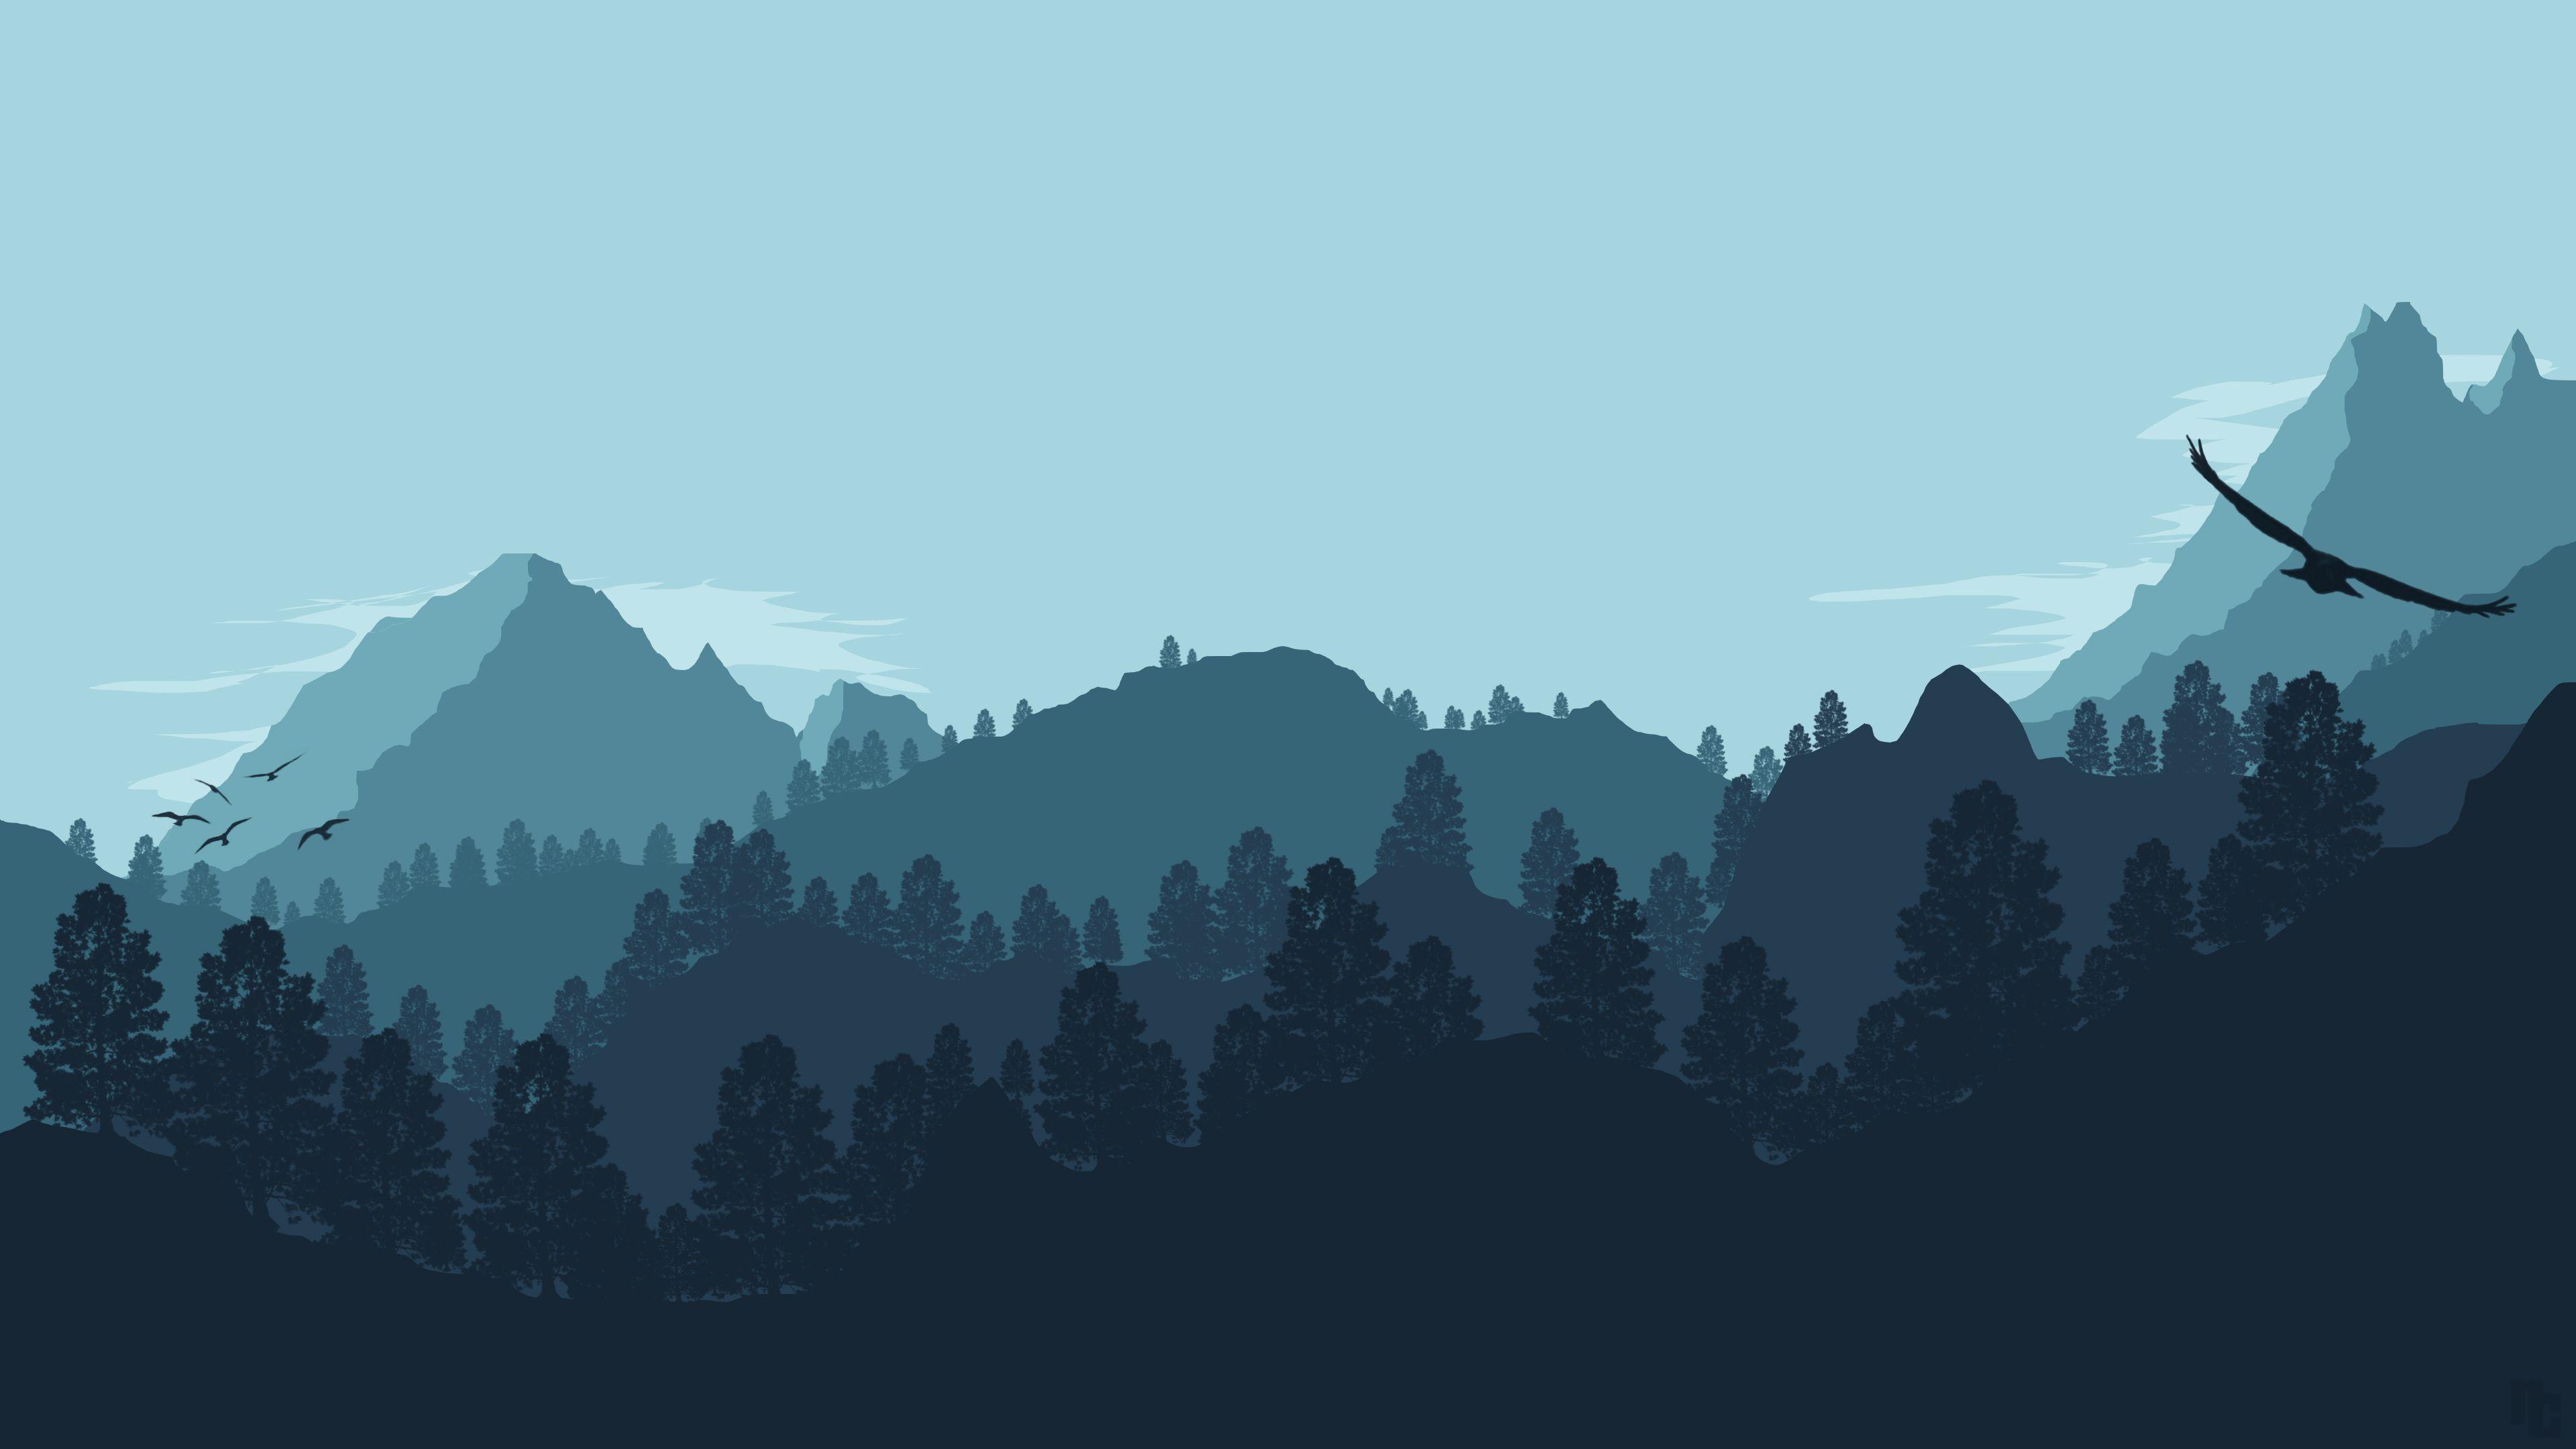 4k Vector Wallpapers Top Free 4k Vector Backgrounds